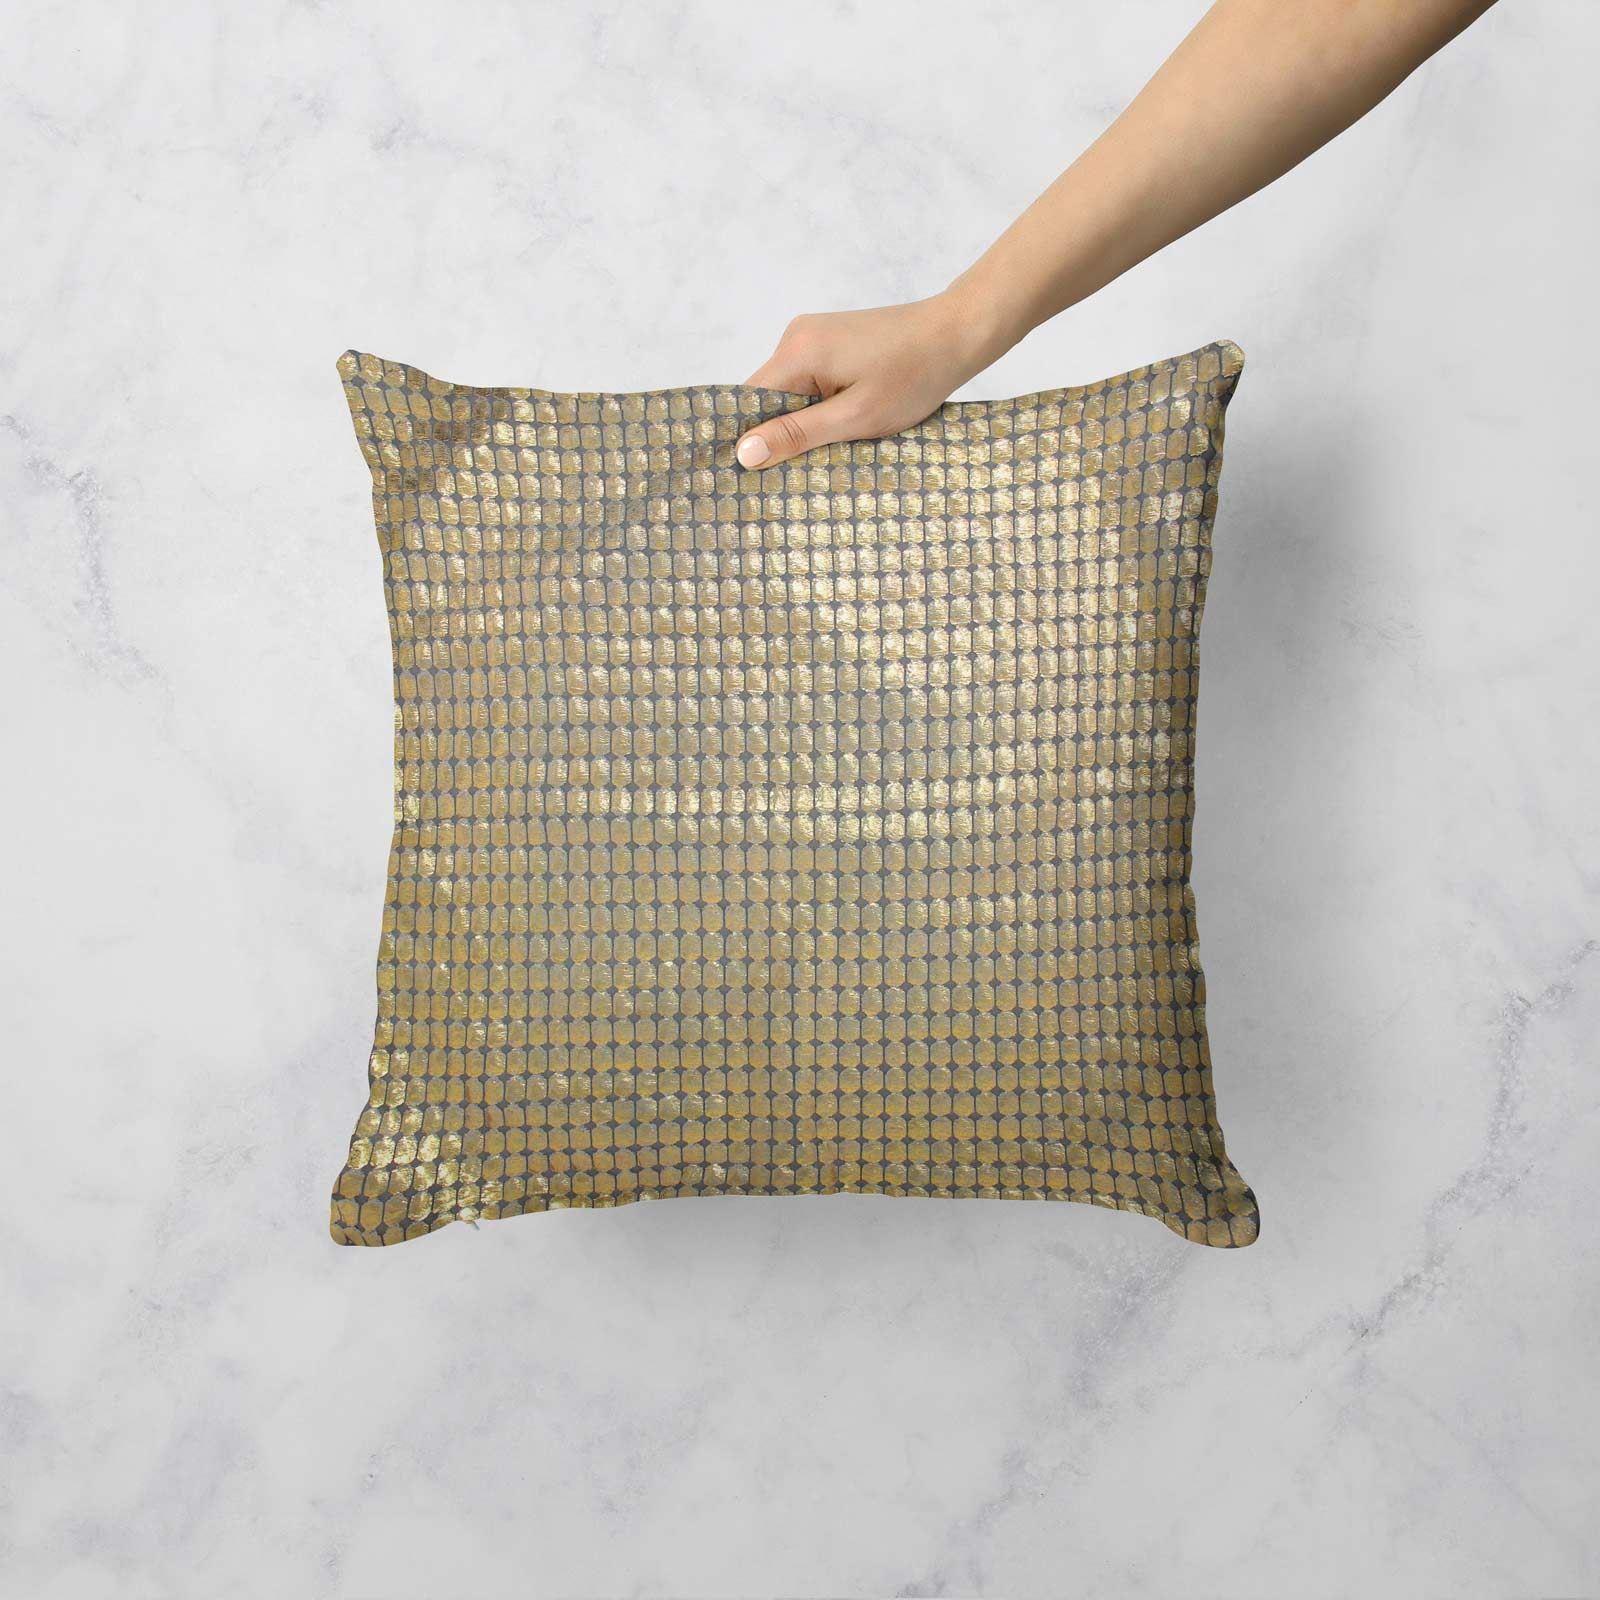 Impresion-de-lamina-metalica-Moderno-Funda-De-Cojin-Almohadon-cubiertas-de-cojines-18-034-X-18-034 miniatura 12